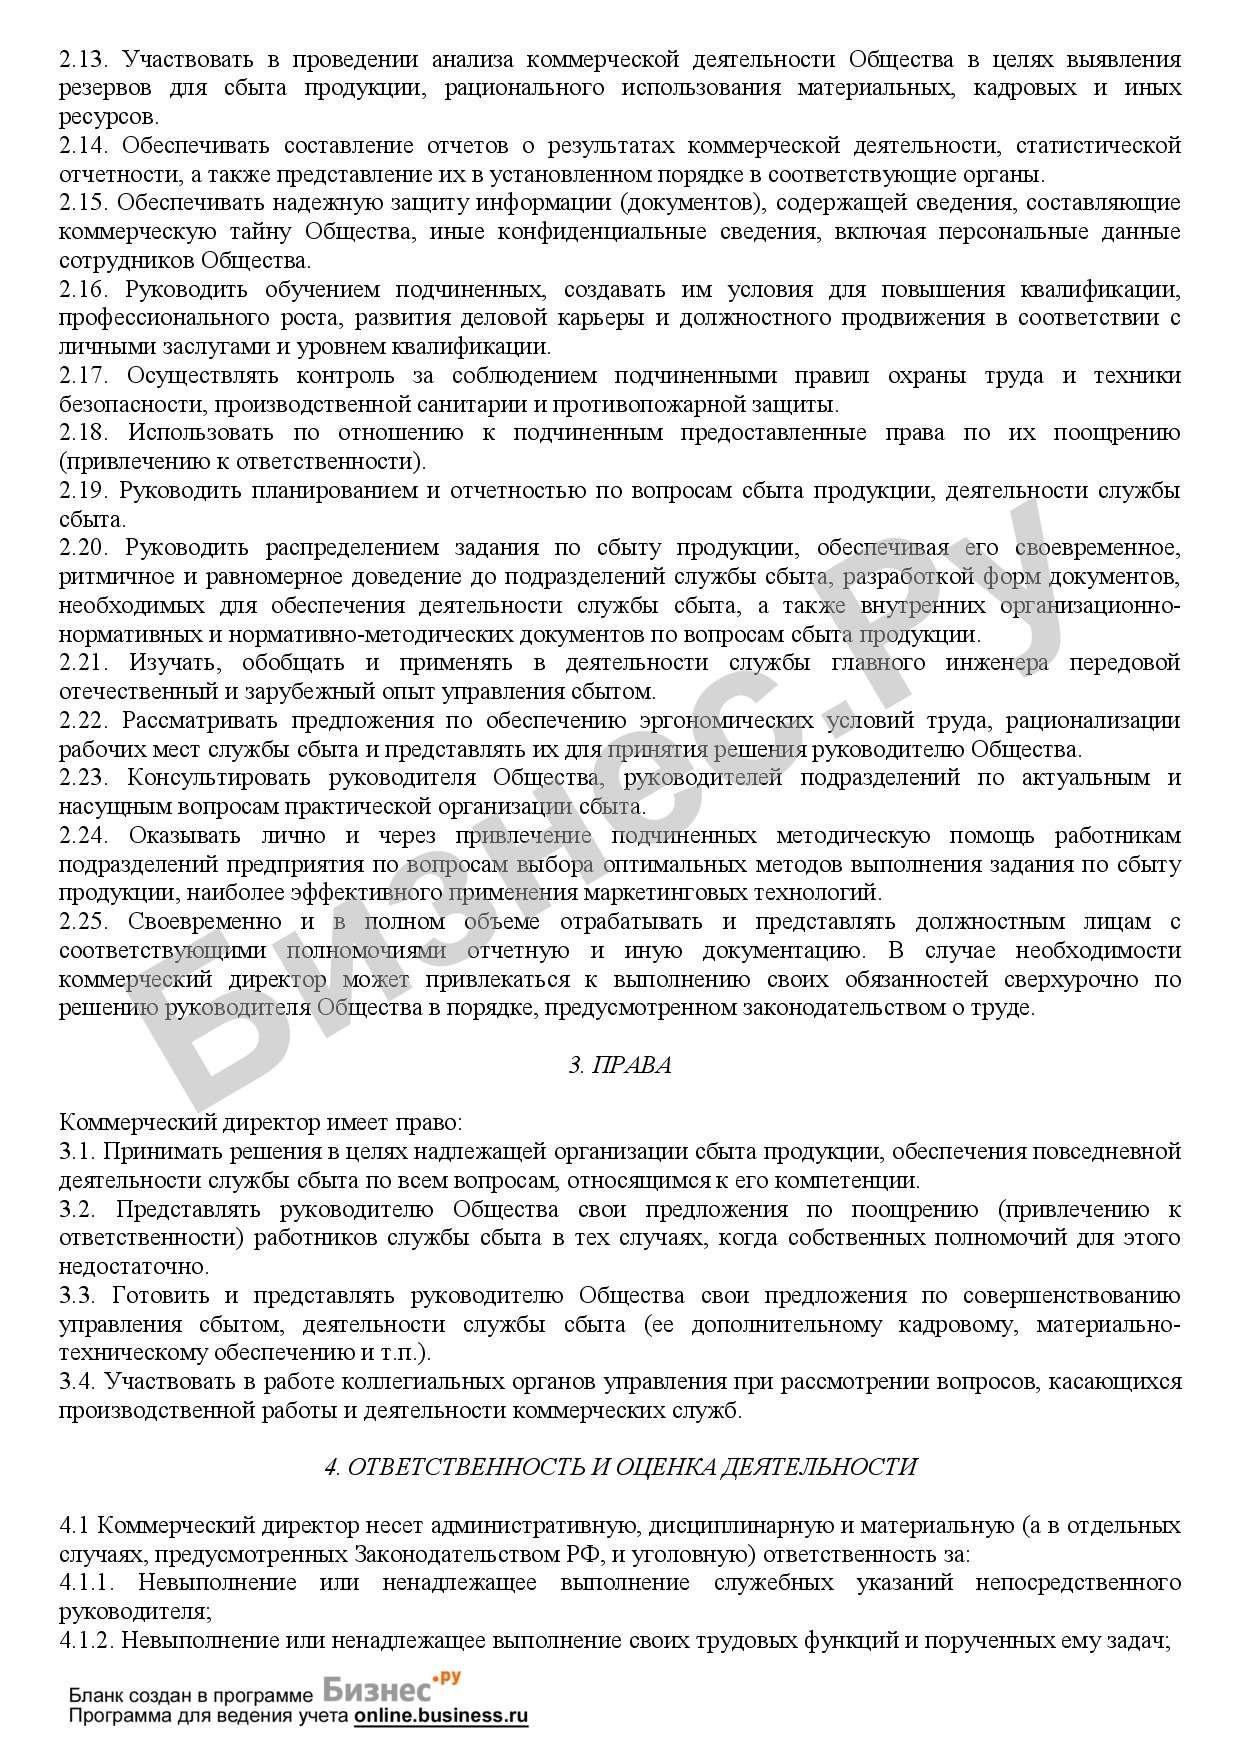 должностная инструкция директора образец 2019